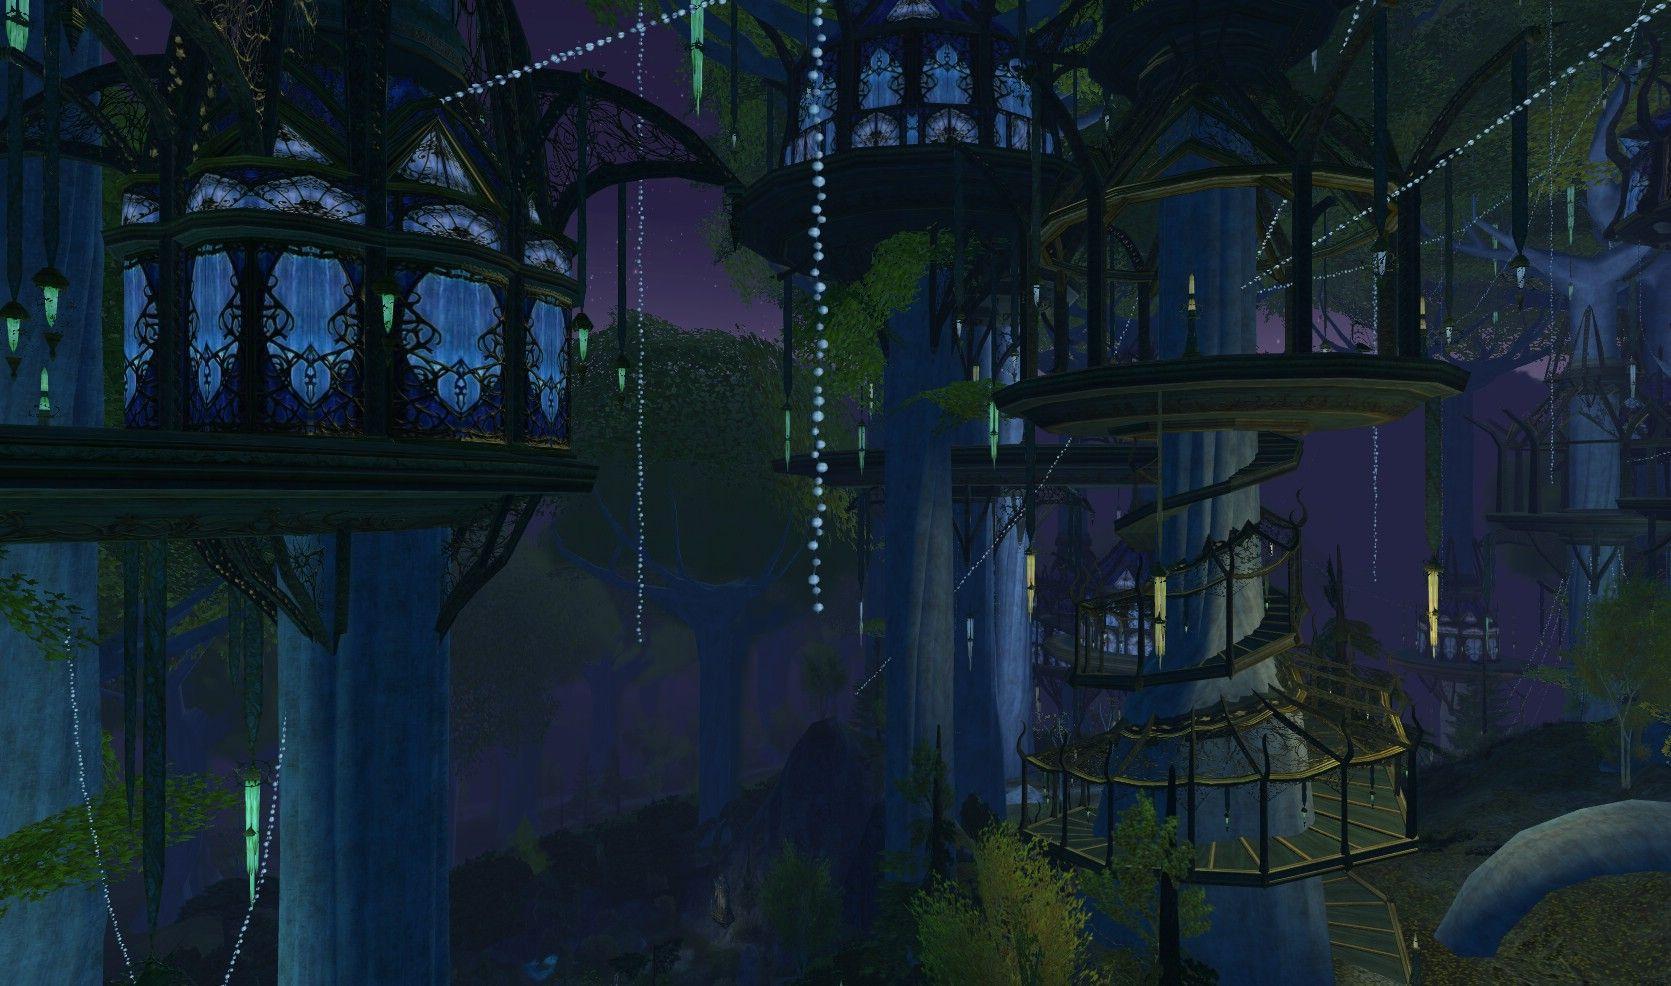 Lothlorien Wallpapers - Top Free Lothlorien Backgrounds